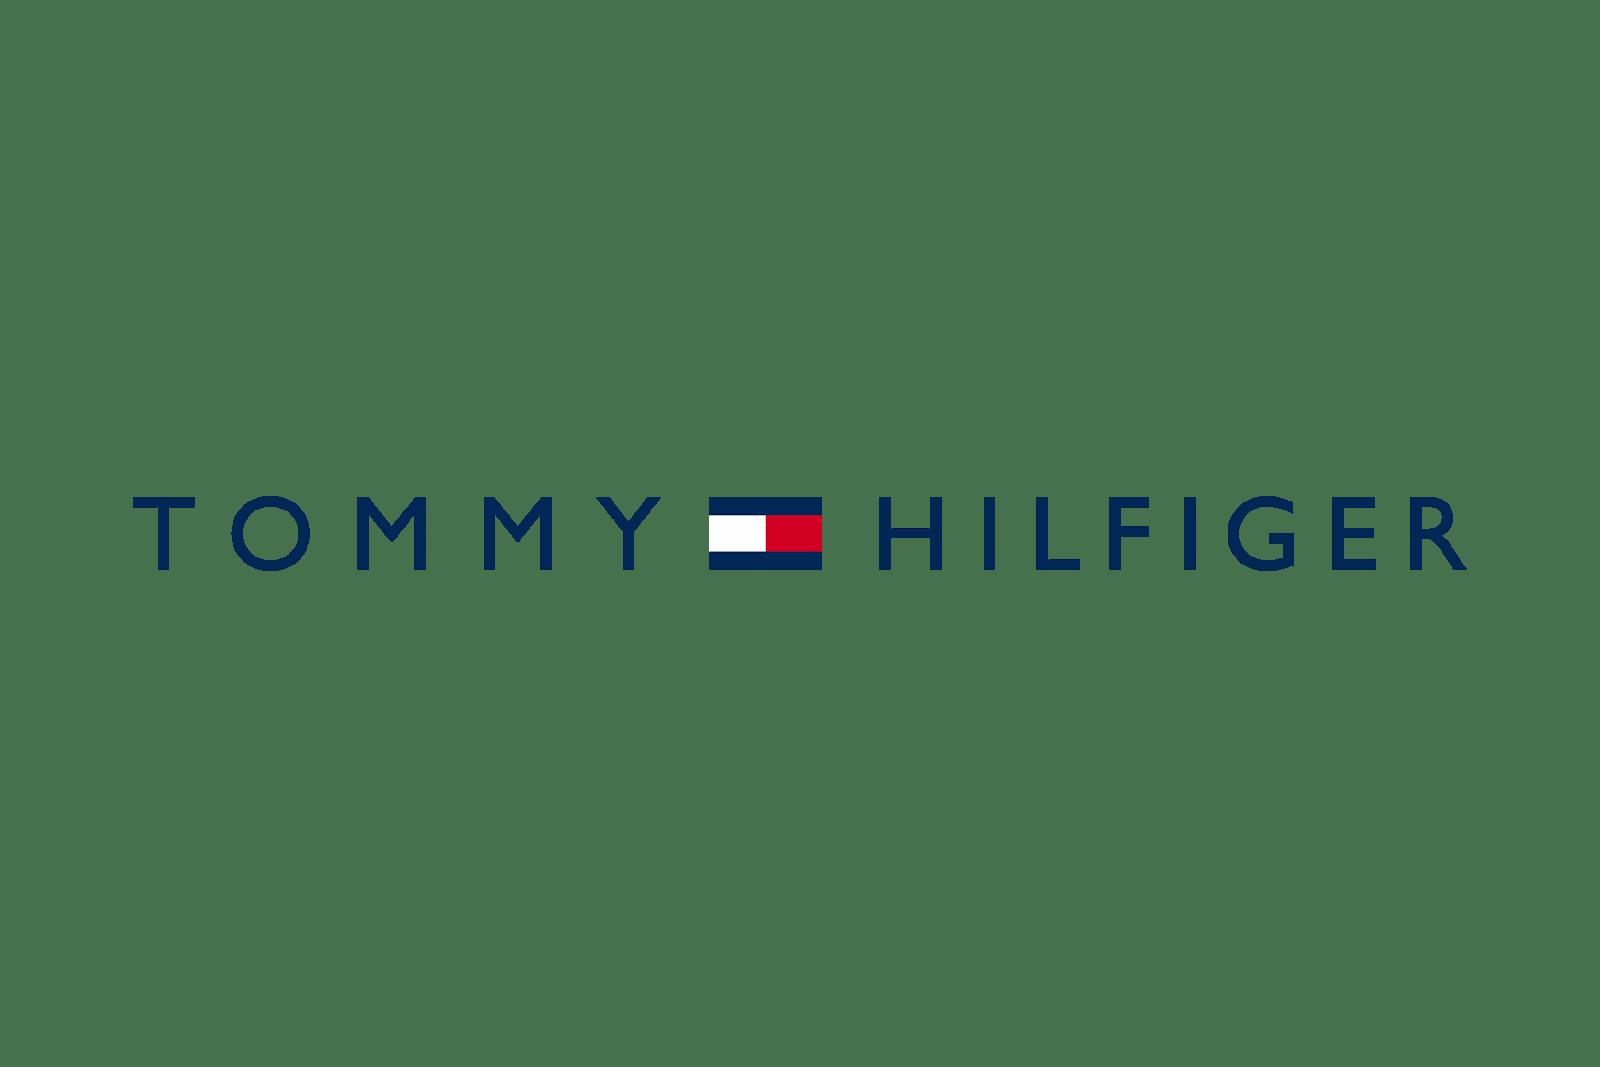 176fd0ab5808 Фирма Tommy Hilfiger предлагает своим почитателям большое разнообразие  различных коллекций одежды, начиная от классики и заканчивая популярным  сейчас ...